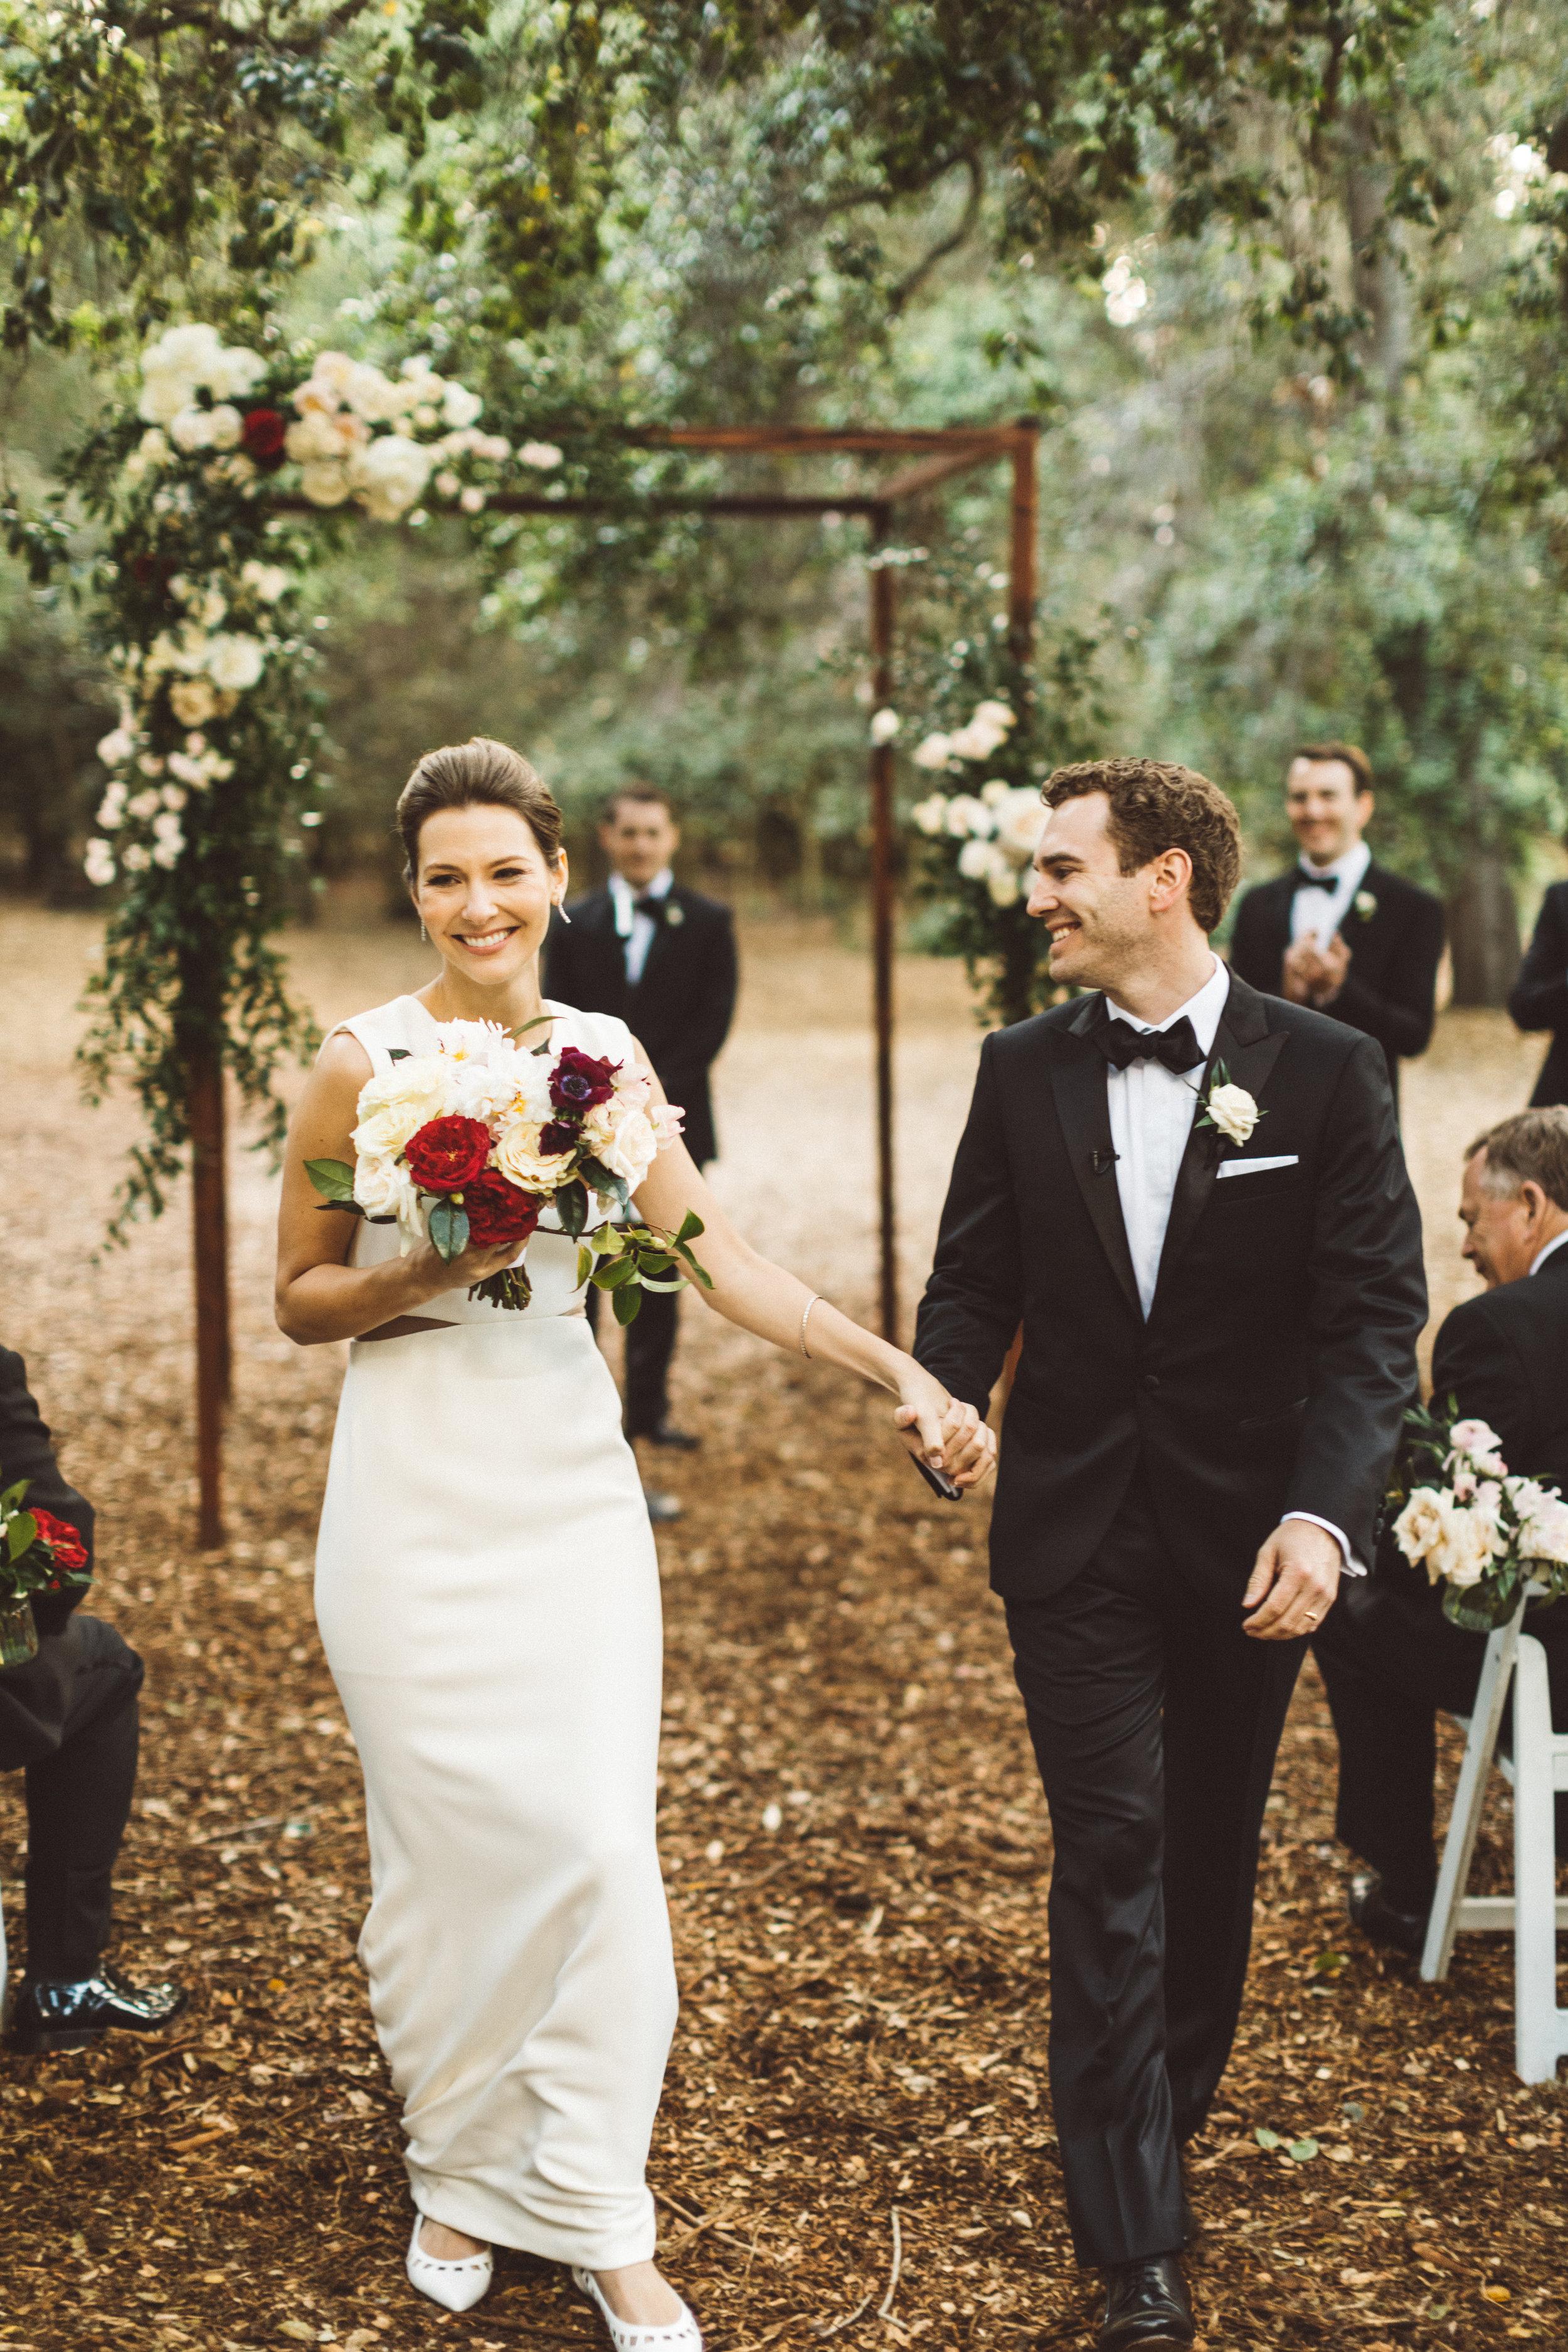 Tom+Kate- Married_stevecowellphoto-4251.jpg